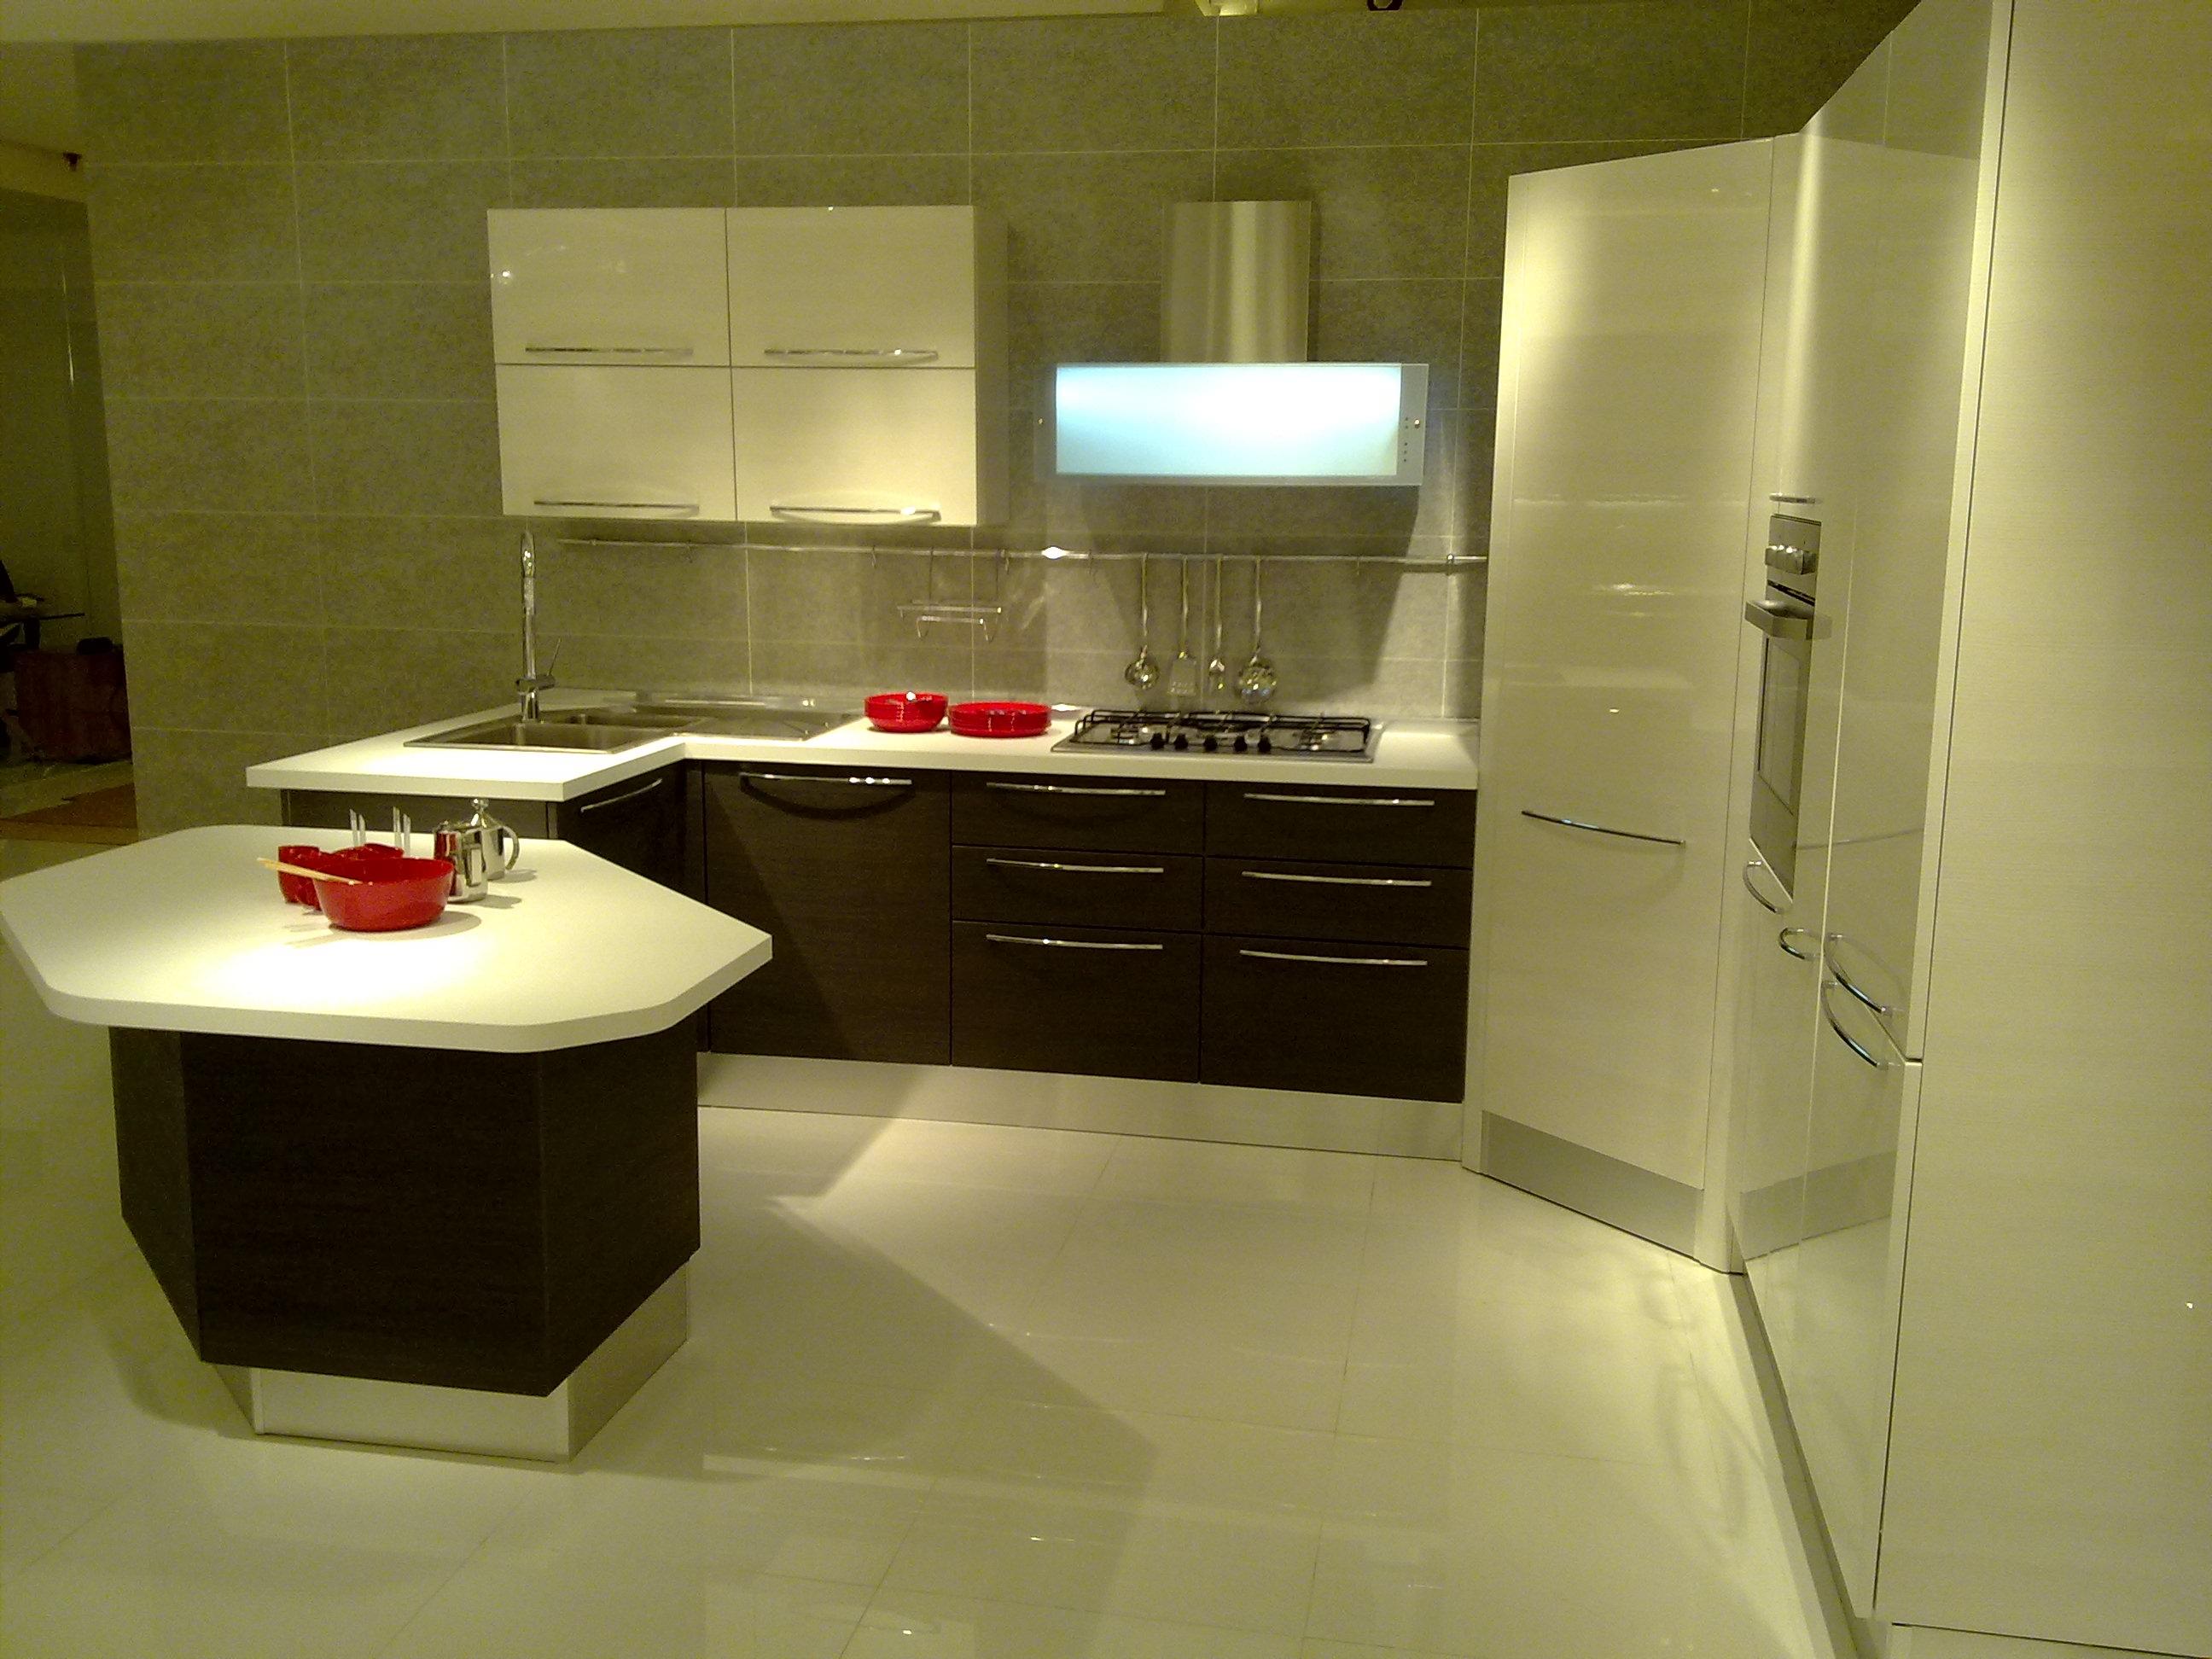 Cucina veneta cucine carrera scontato del 47 cucine a - Veneta cucina prezzi ...